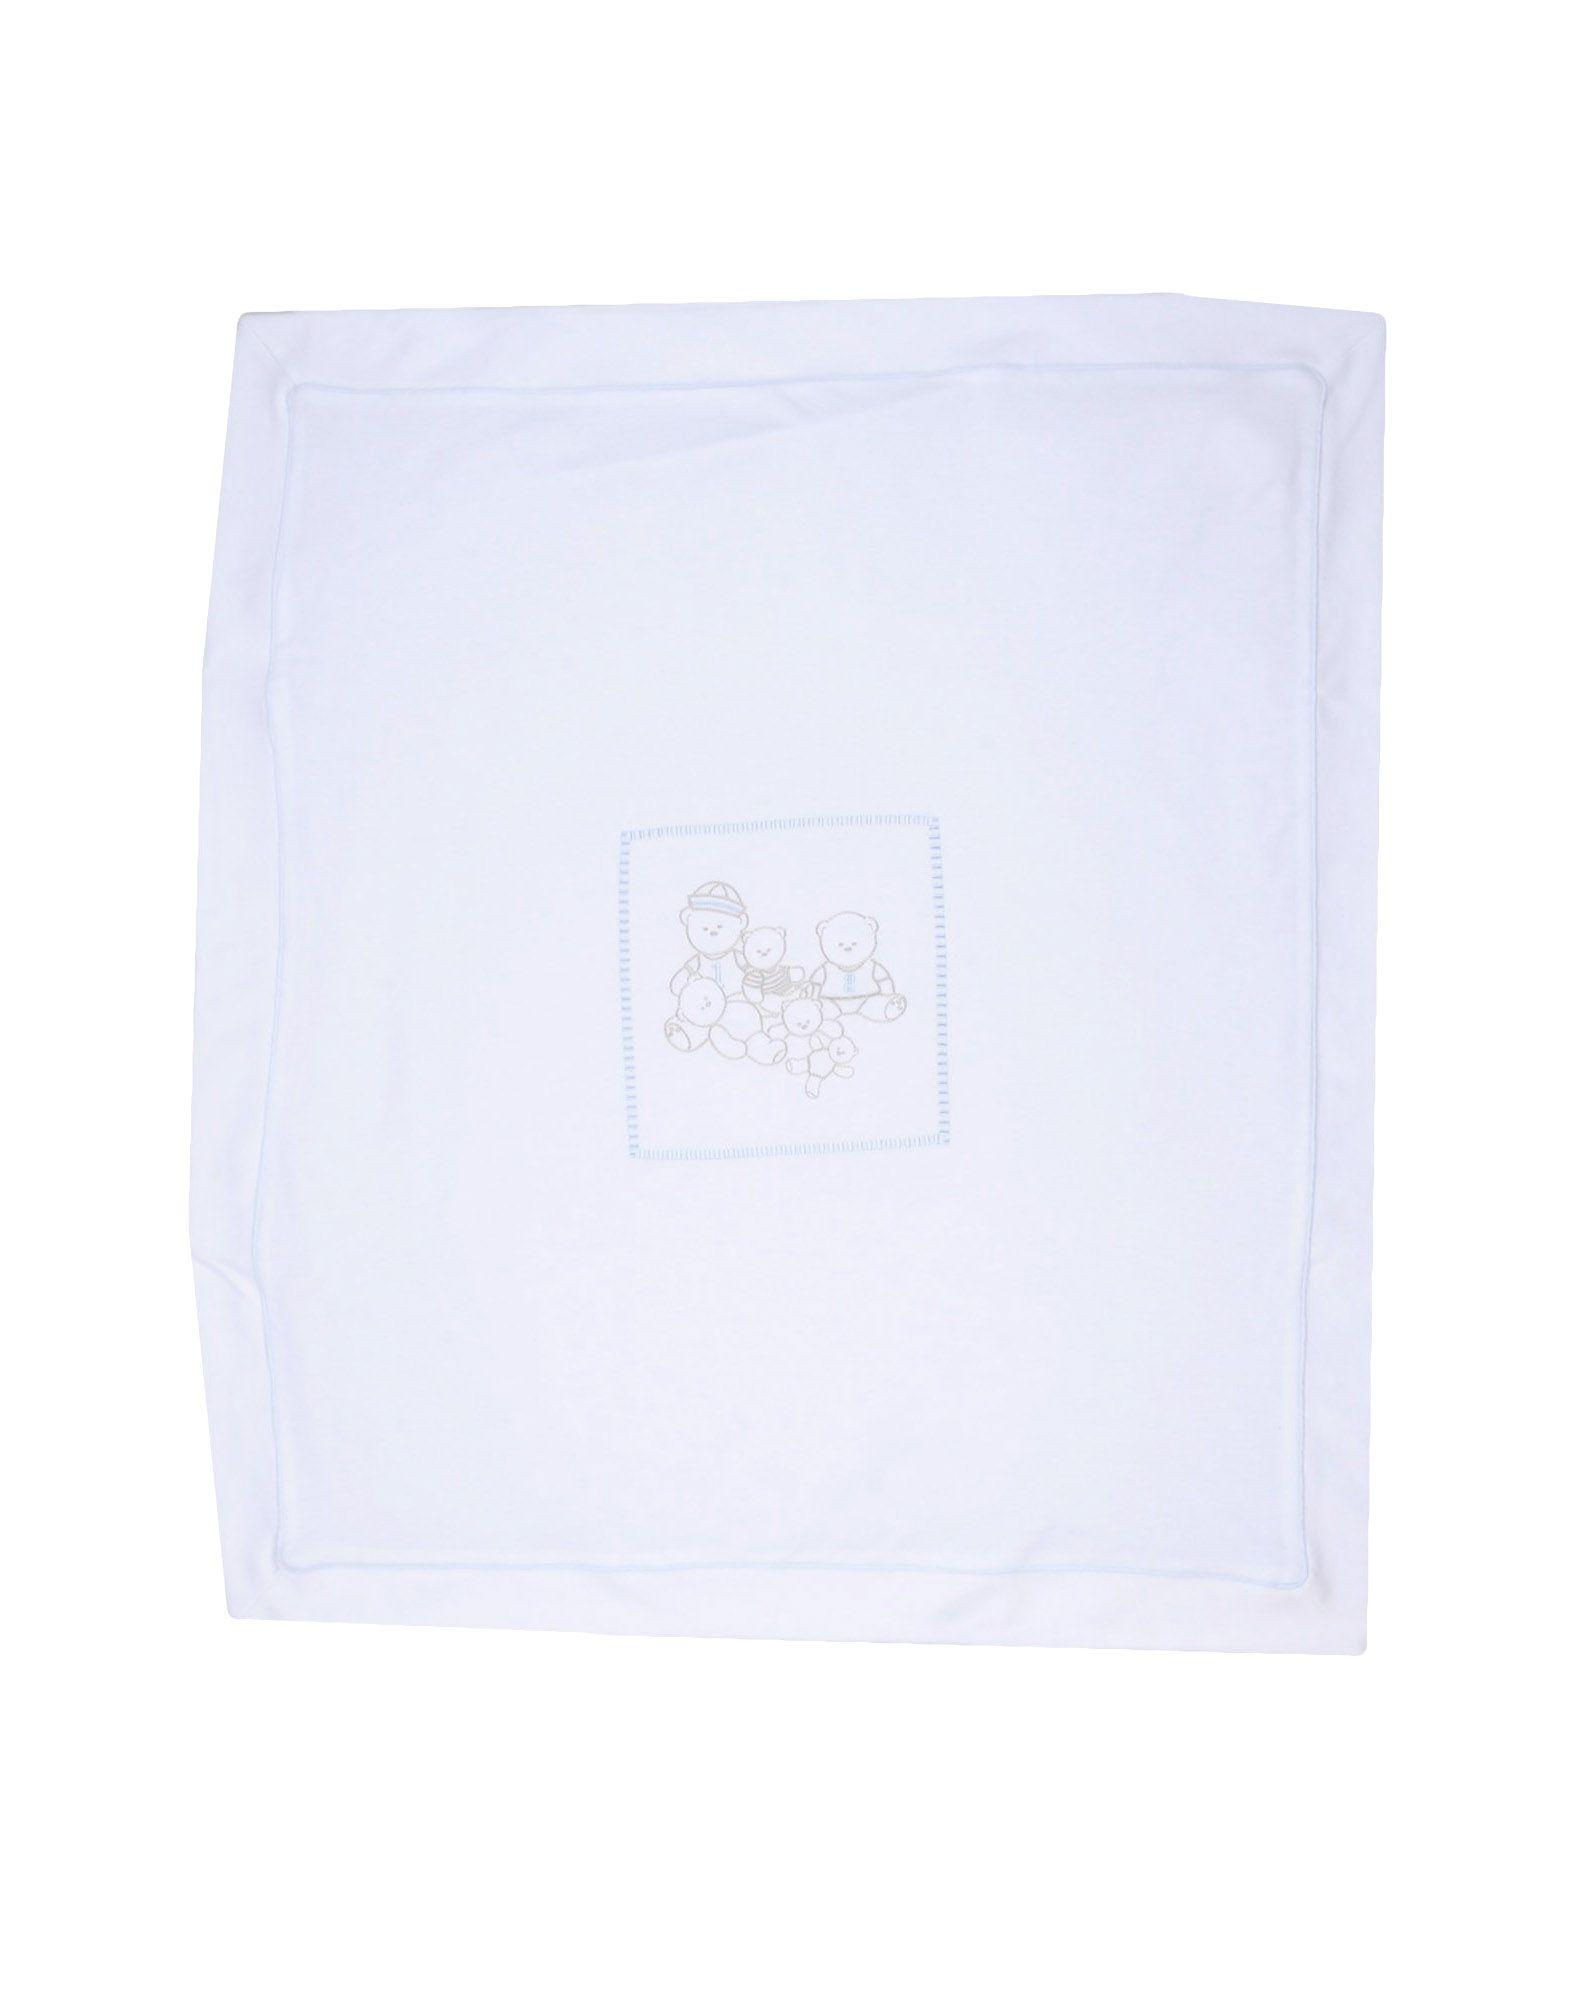 ALETTA Jungen 3-8 jahre Wolldecke Farbe Weiß Größe 1